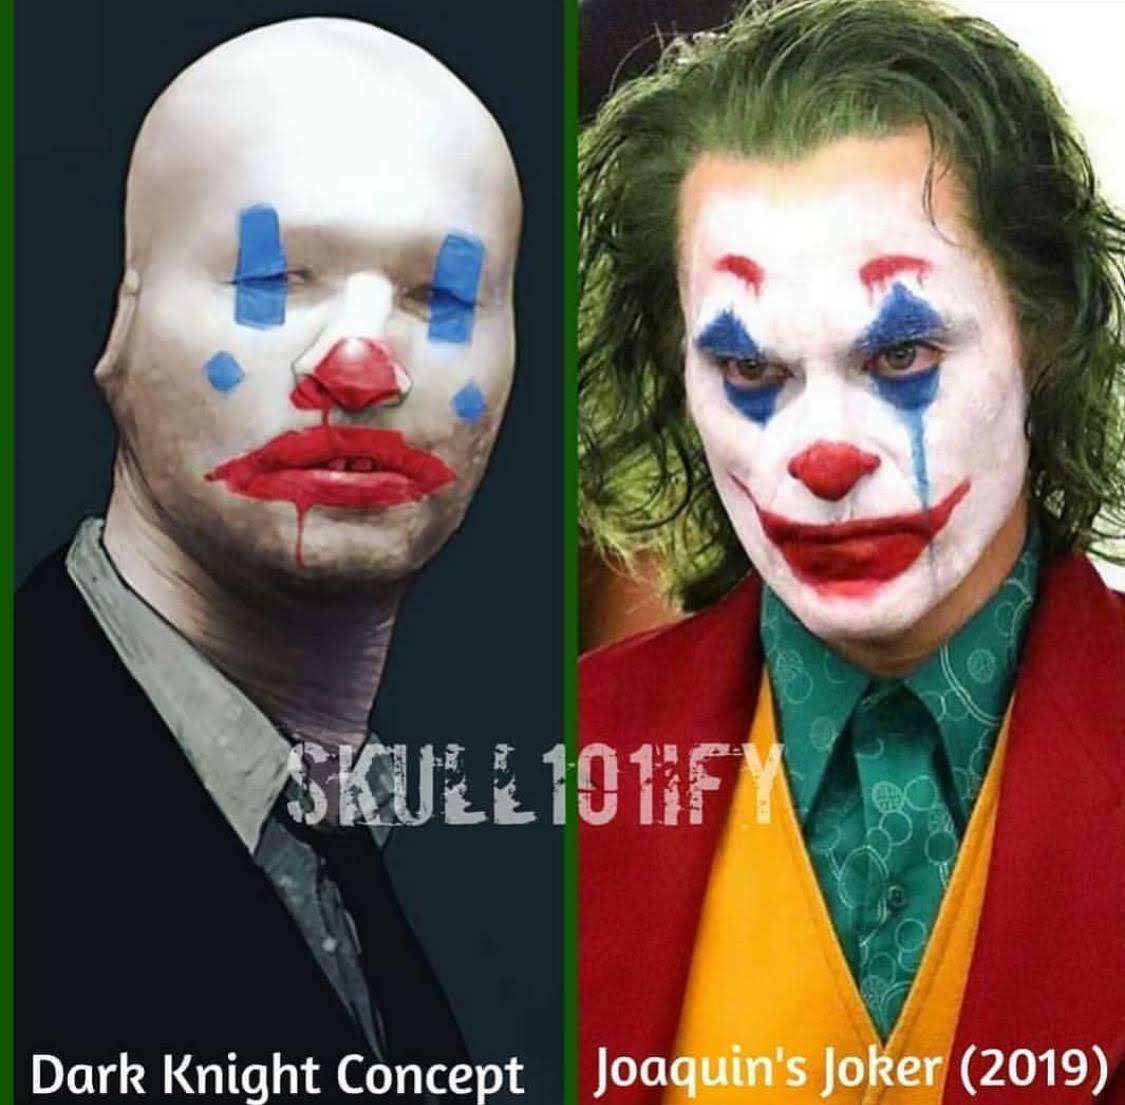 Is Joaquin Phoenix's Joker based on a concept art from The Dark Knight ? : ホアキン・フェニックス主演の「ジョーカー」のキャラクター・デザインは、クリス・ノーラン監督の「ザ・ダークナイト」のコンセプト・アートが下敷きになっているの ? !